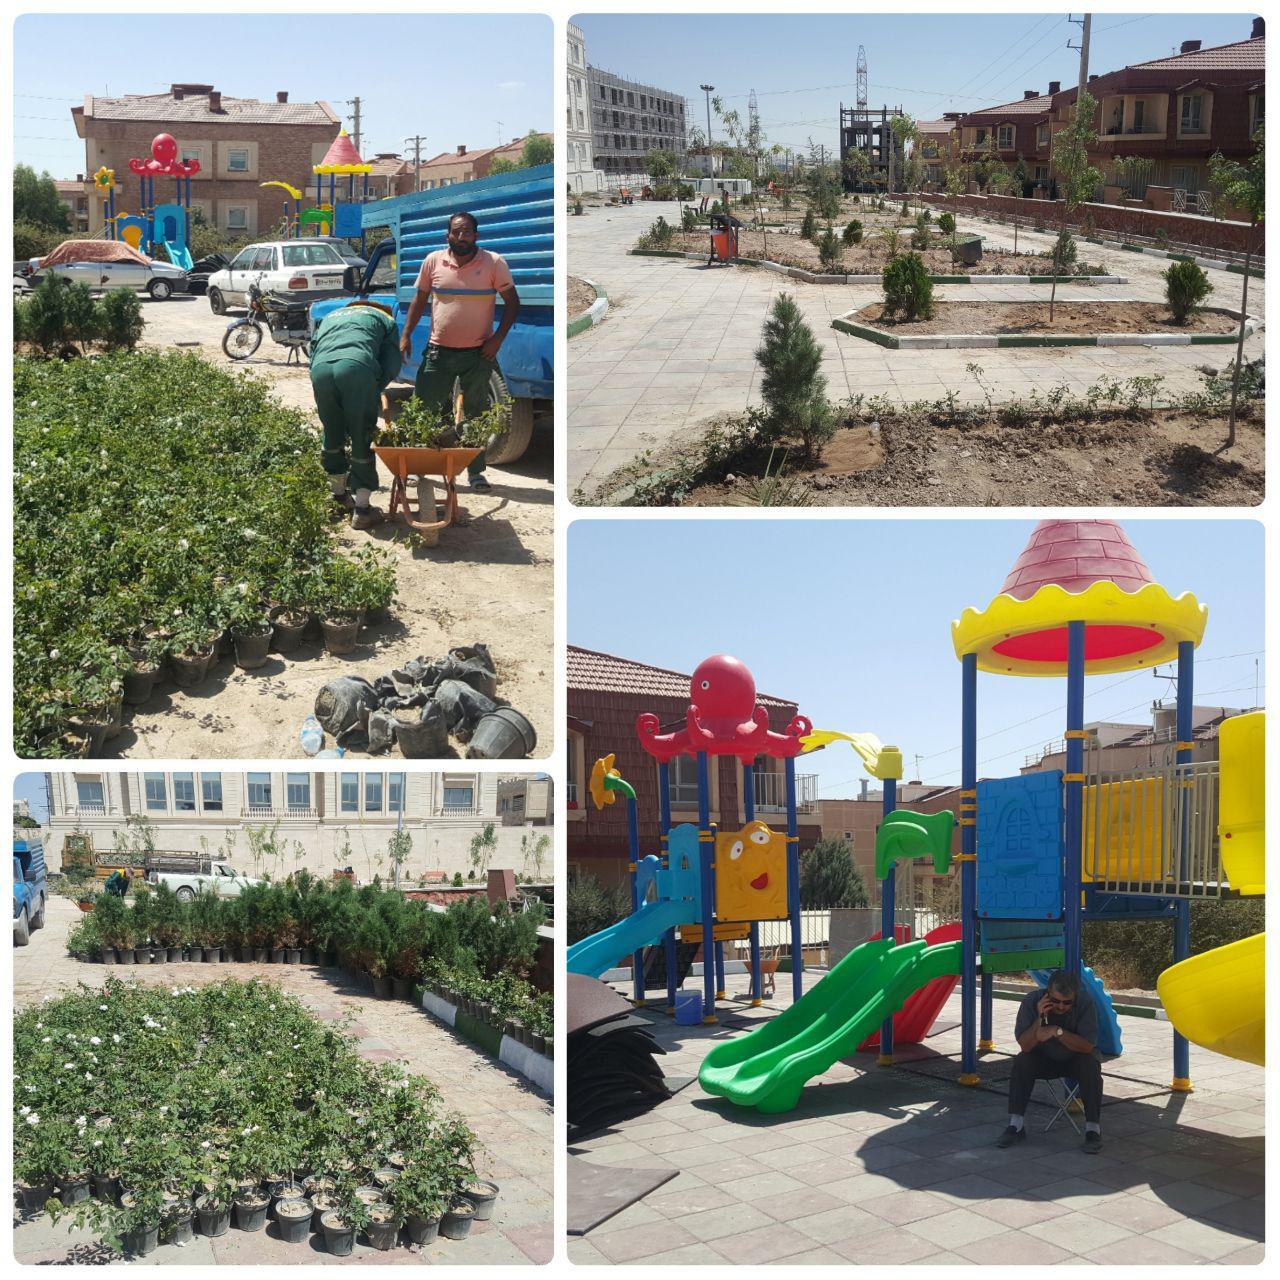 نصب سِت های بازی کودکان و تداوم کاشت فضای سبز در پارک تازه تأسیس امید